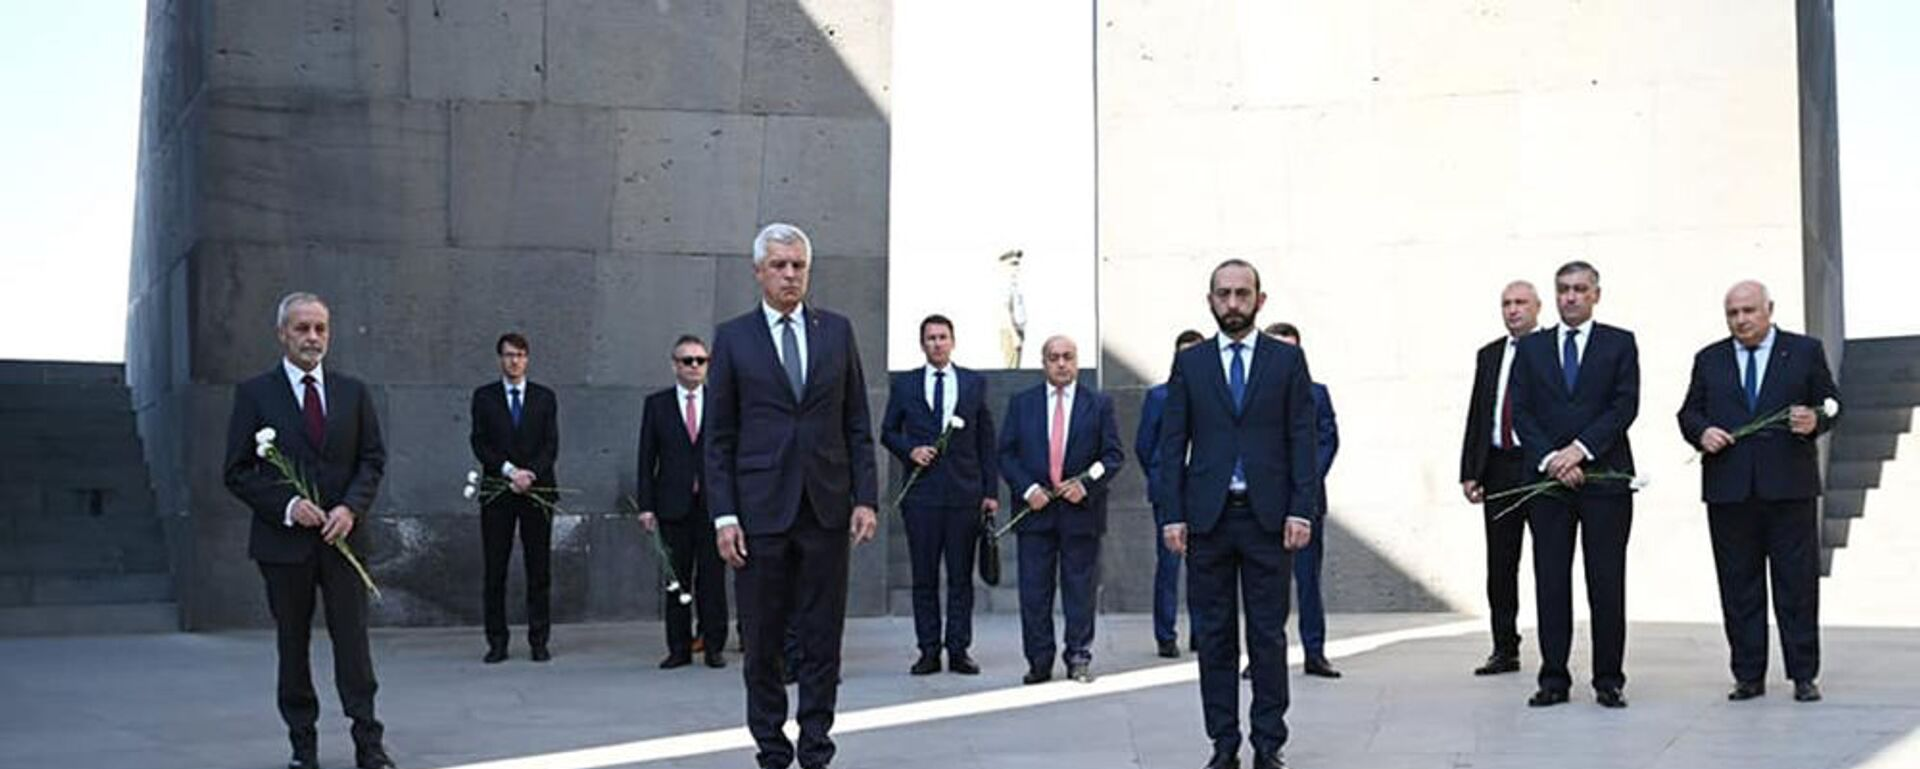 Министр иностранных дел Словакии в сопровождении армянского коллеги посетил мемориальный комплекс Геноцида армян (14 сентября 2021). Еревaн - Sputnik Արմենիա, 1920, 14.09.2021